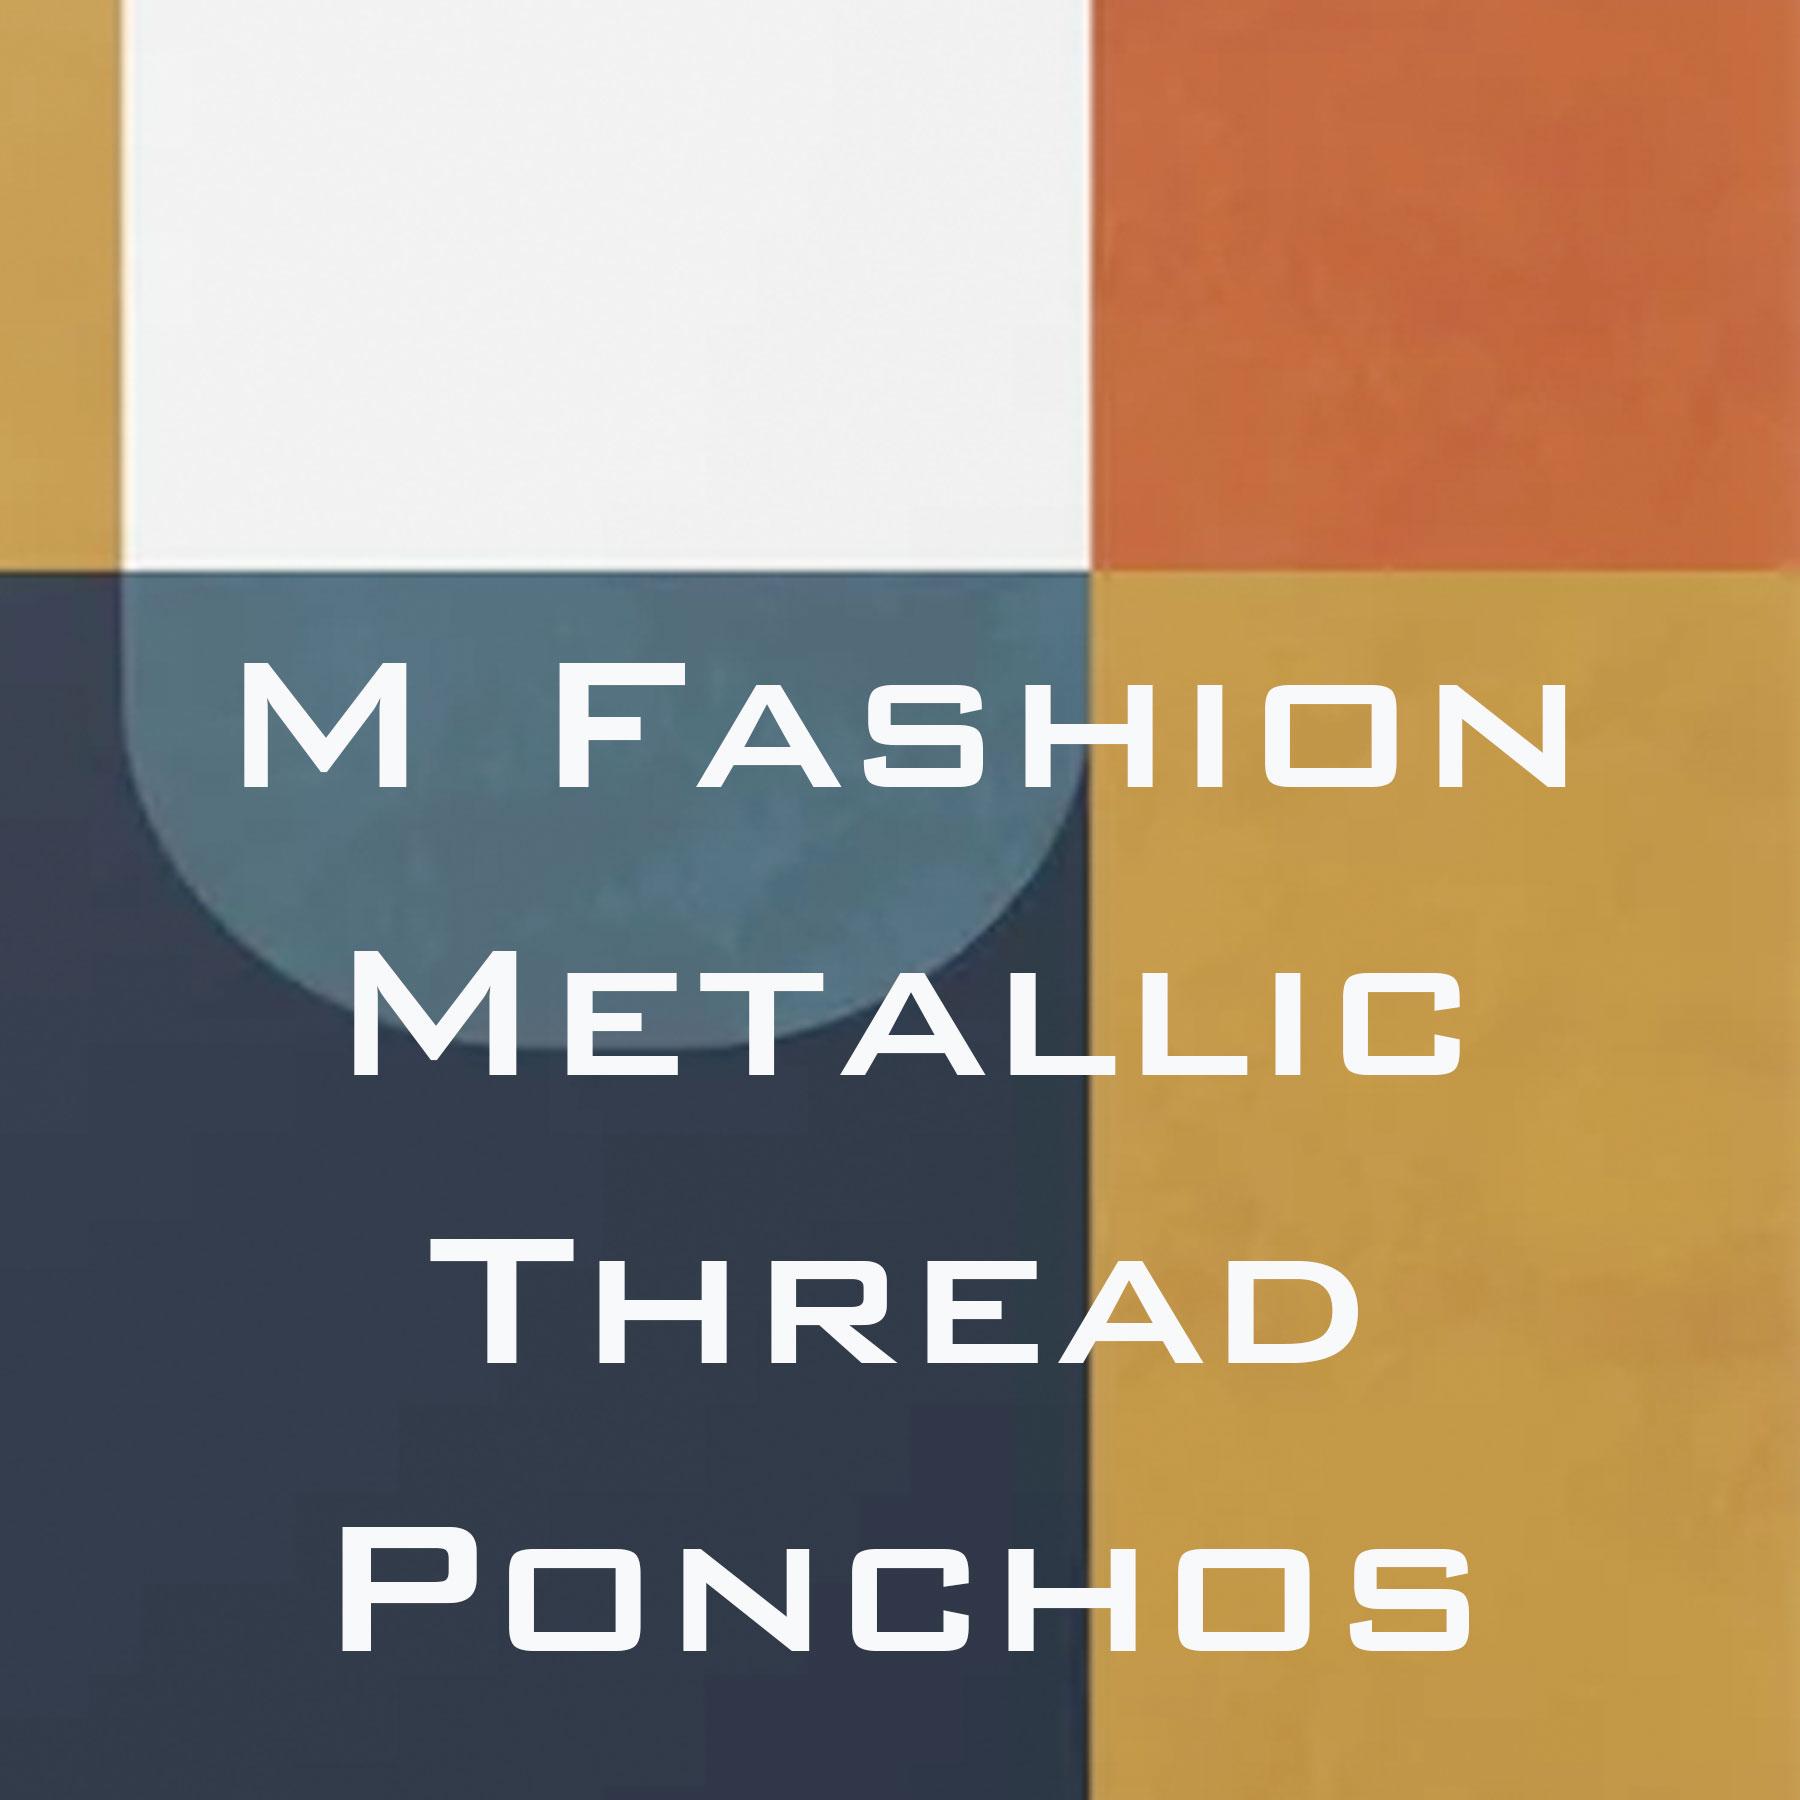 Metallic Thread Ponchos